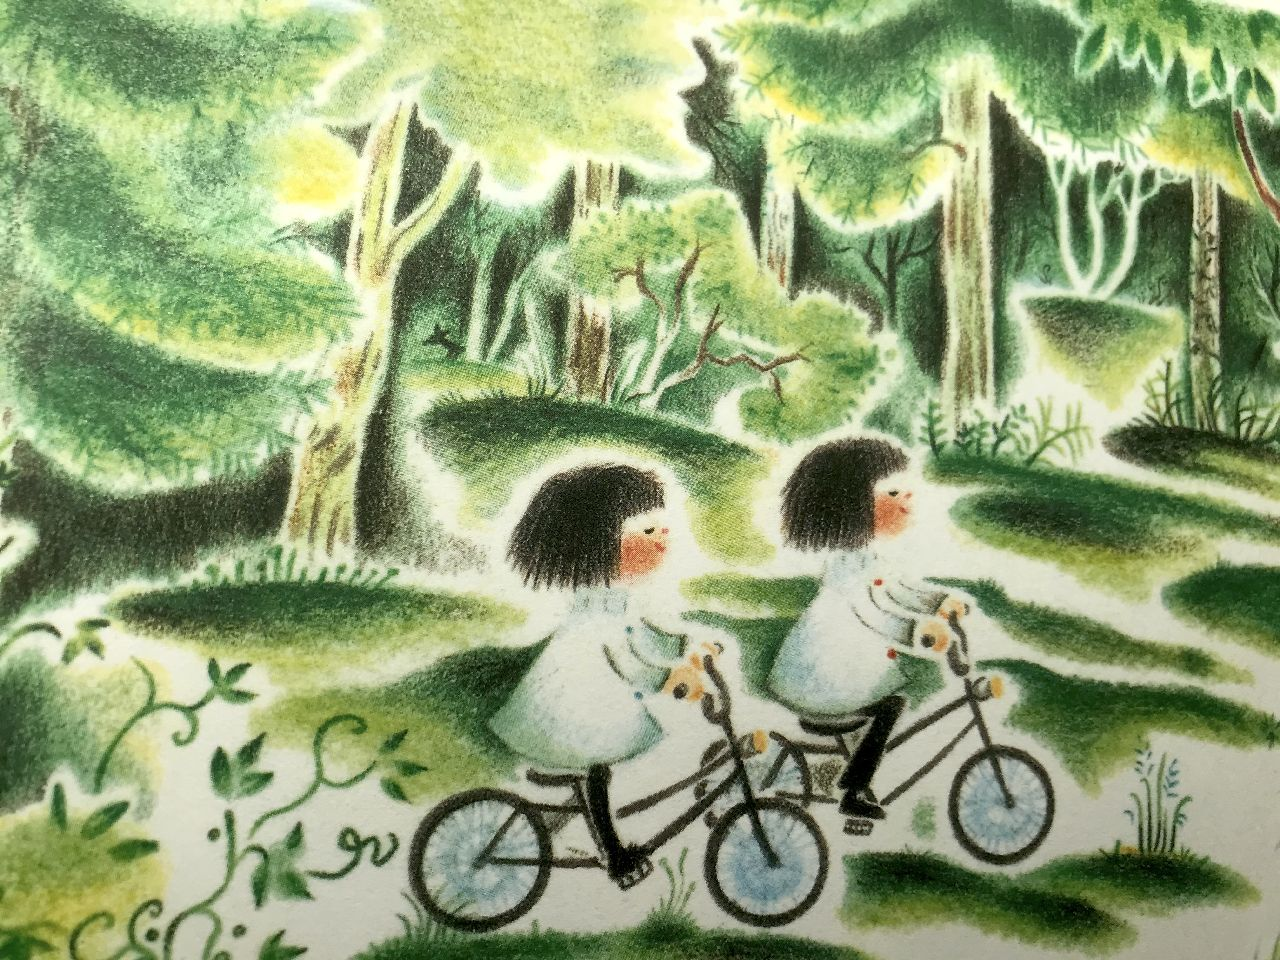 Kaya Doi, Ciri e Cirirì nel bosco delle delizie, Terredimezzo